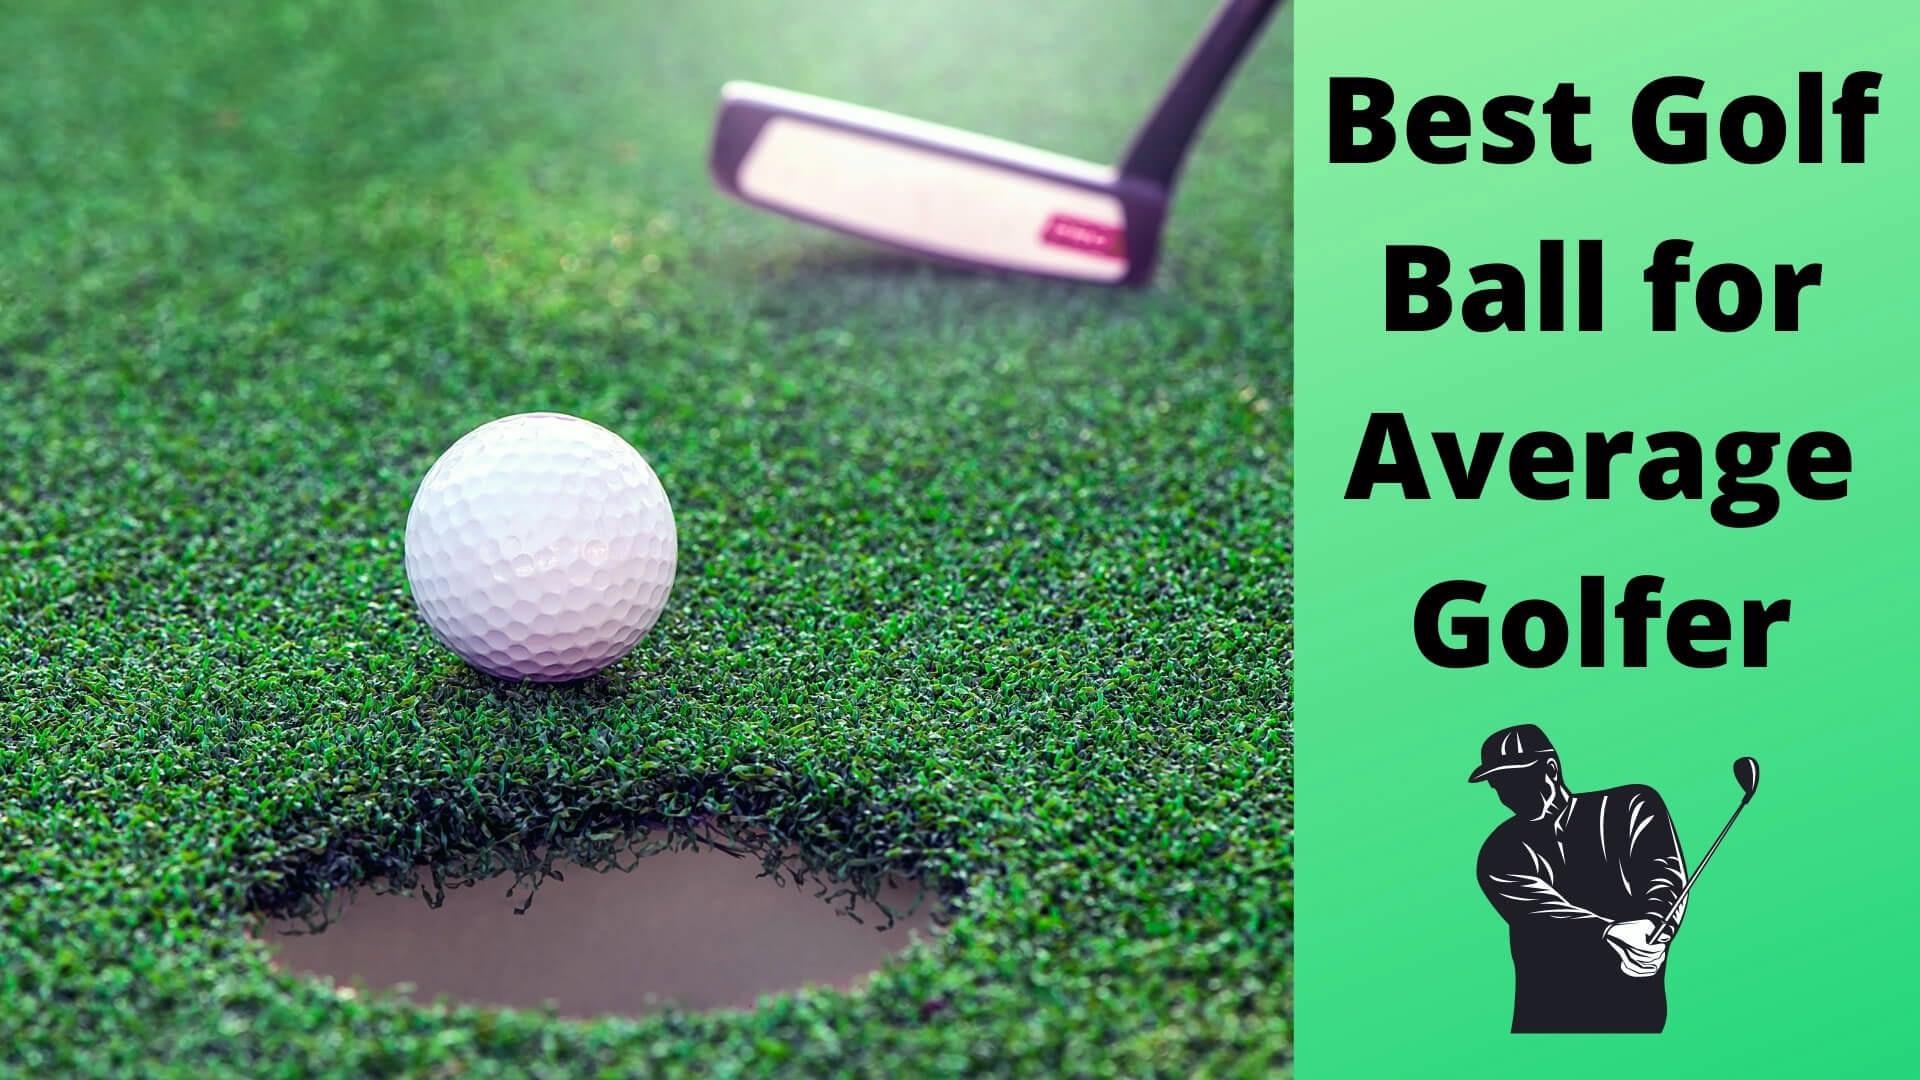 best golf ball for average golfer